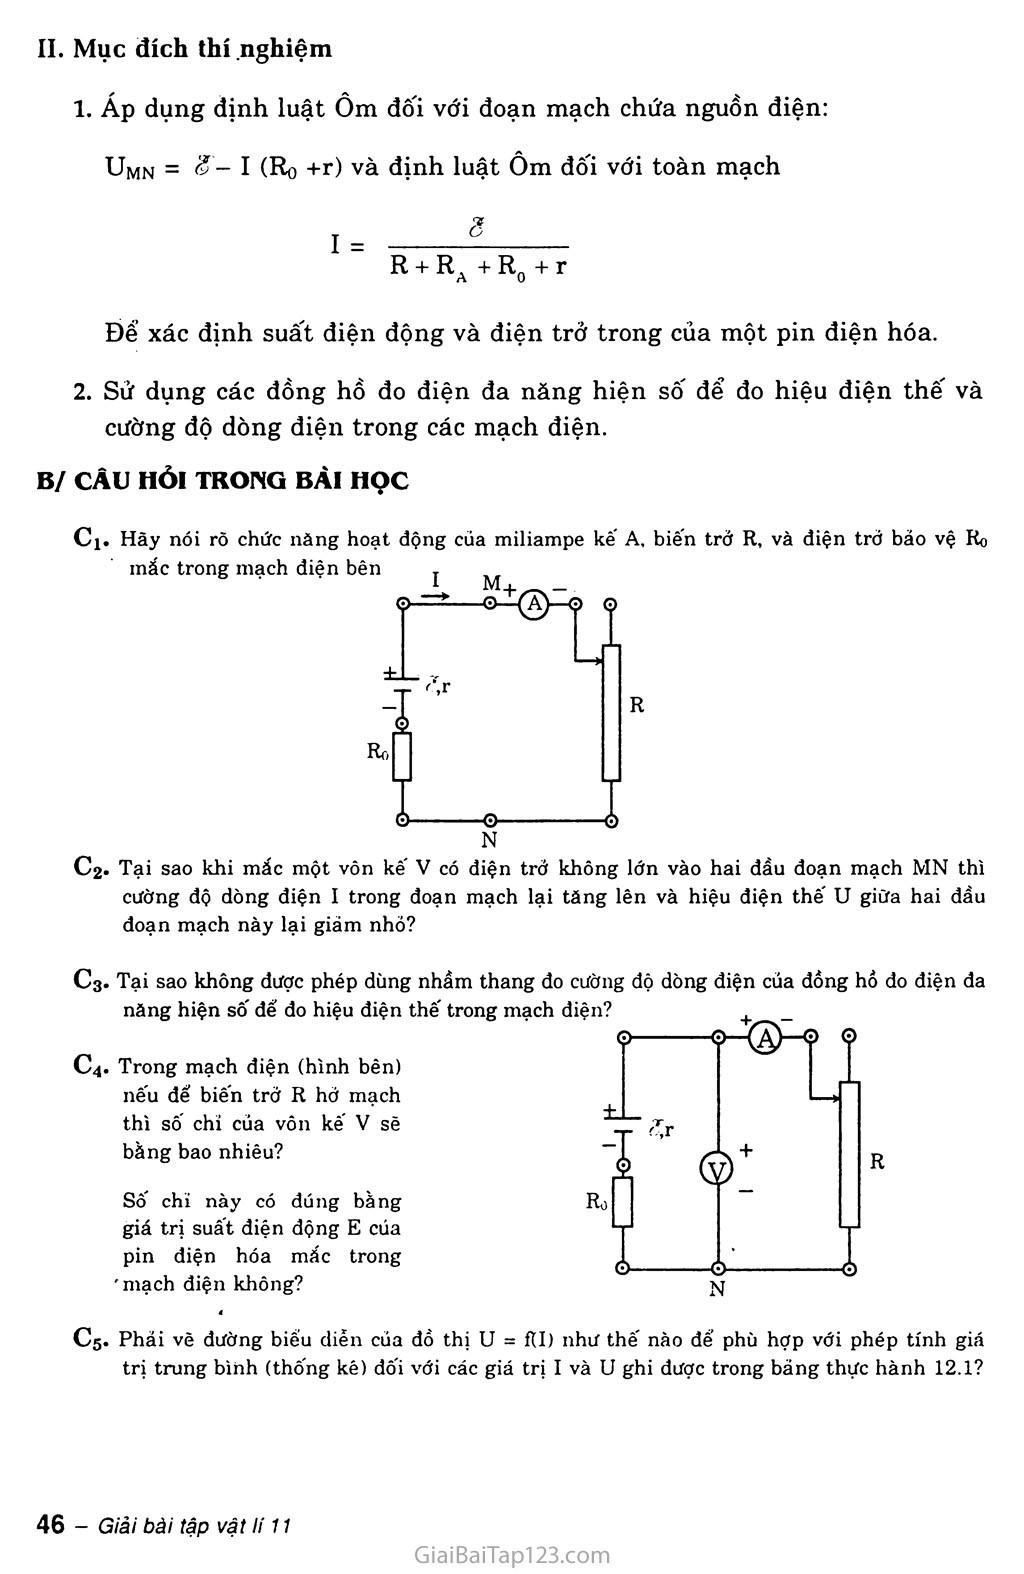 Bài 12: Thực hành: Xác định suất điện động và điện trở trong của một pin điện hóa trang 2